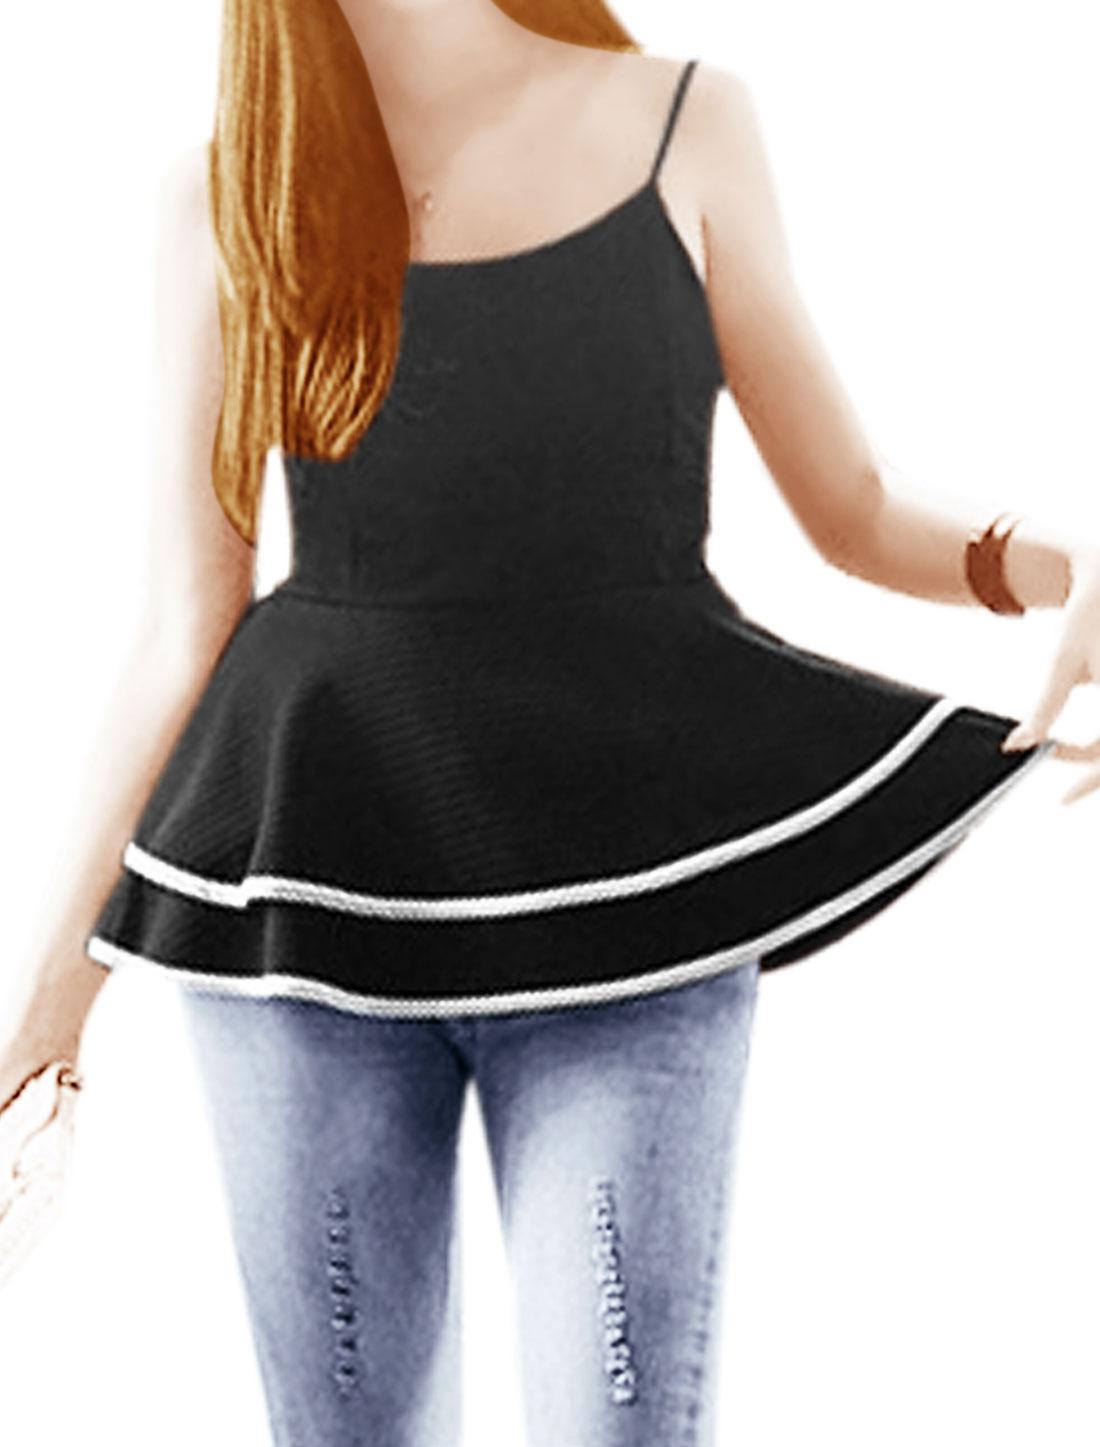 Lady Spaghetti Strap Square Neckline Textured Design Blouse Black S